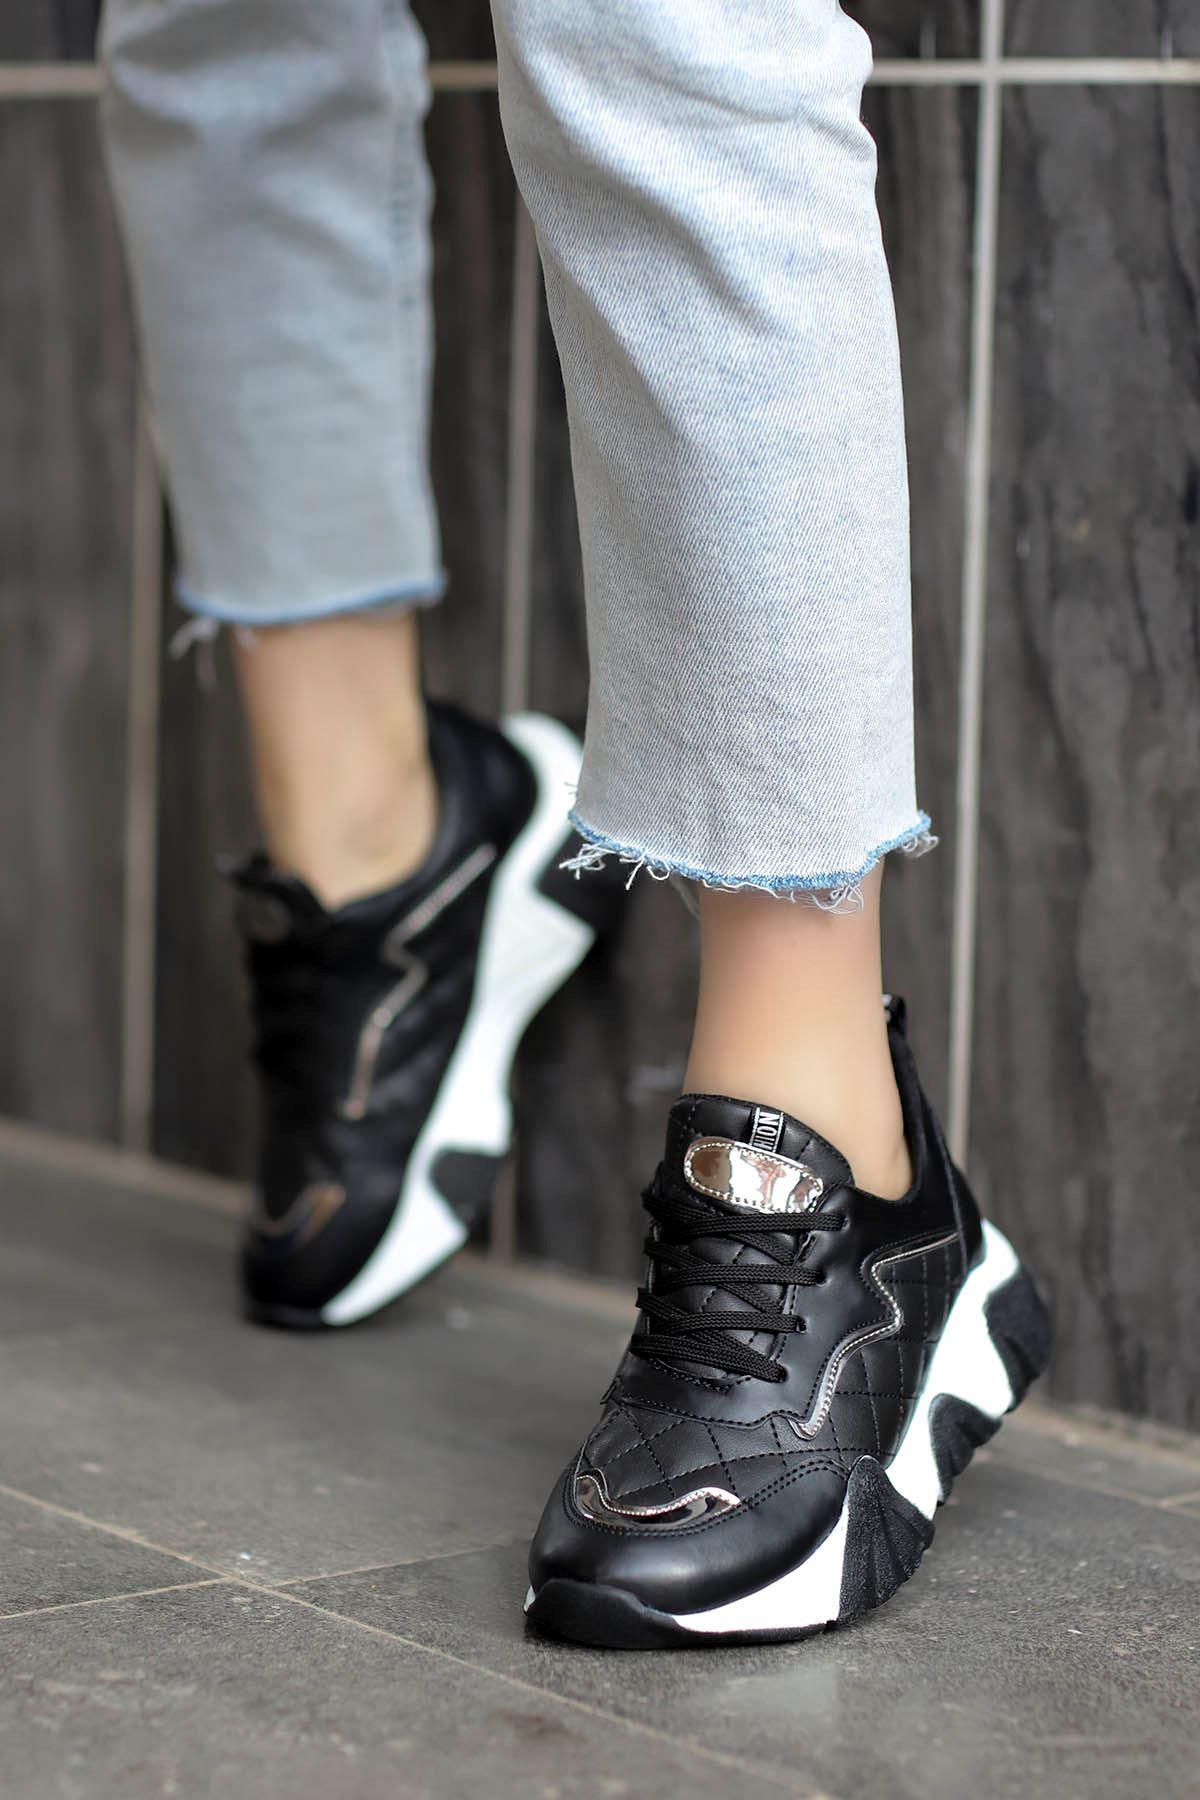 Rio Tabanlı Spor Ayakkabı Siyah Deri